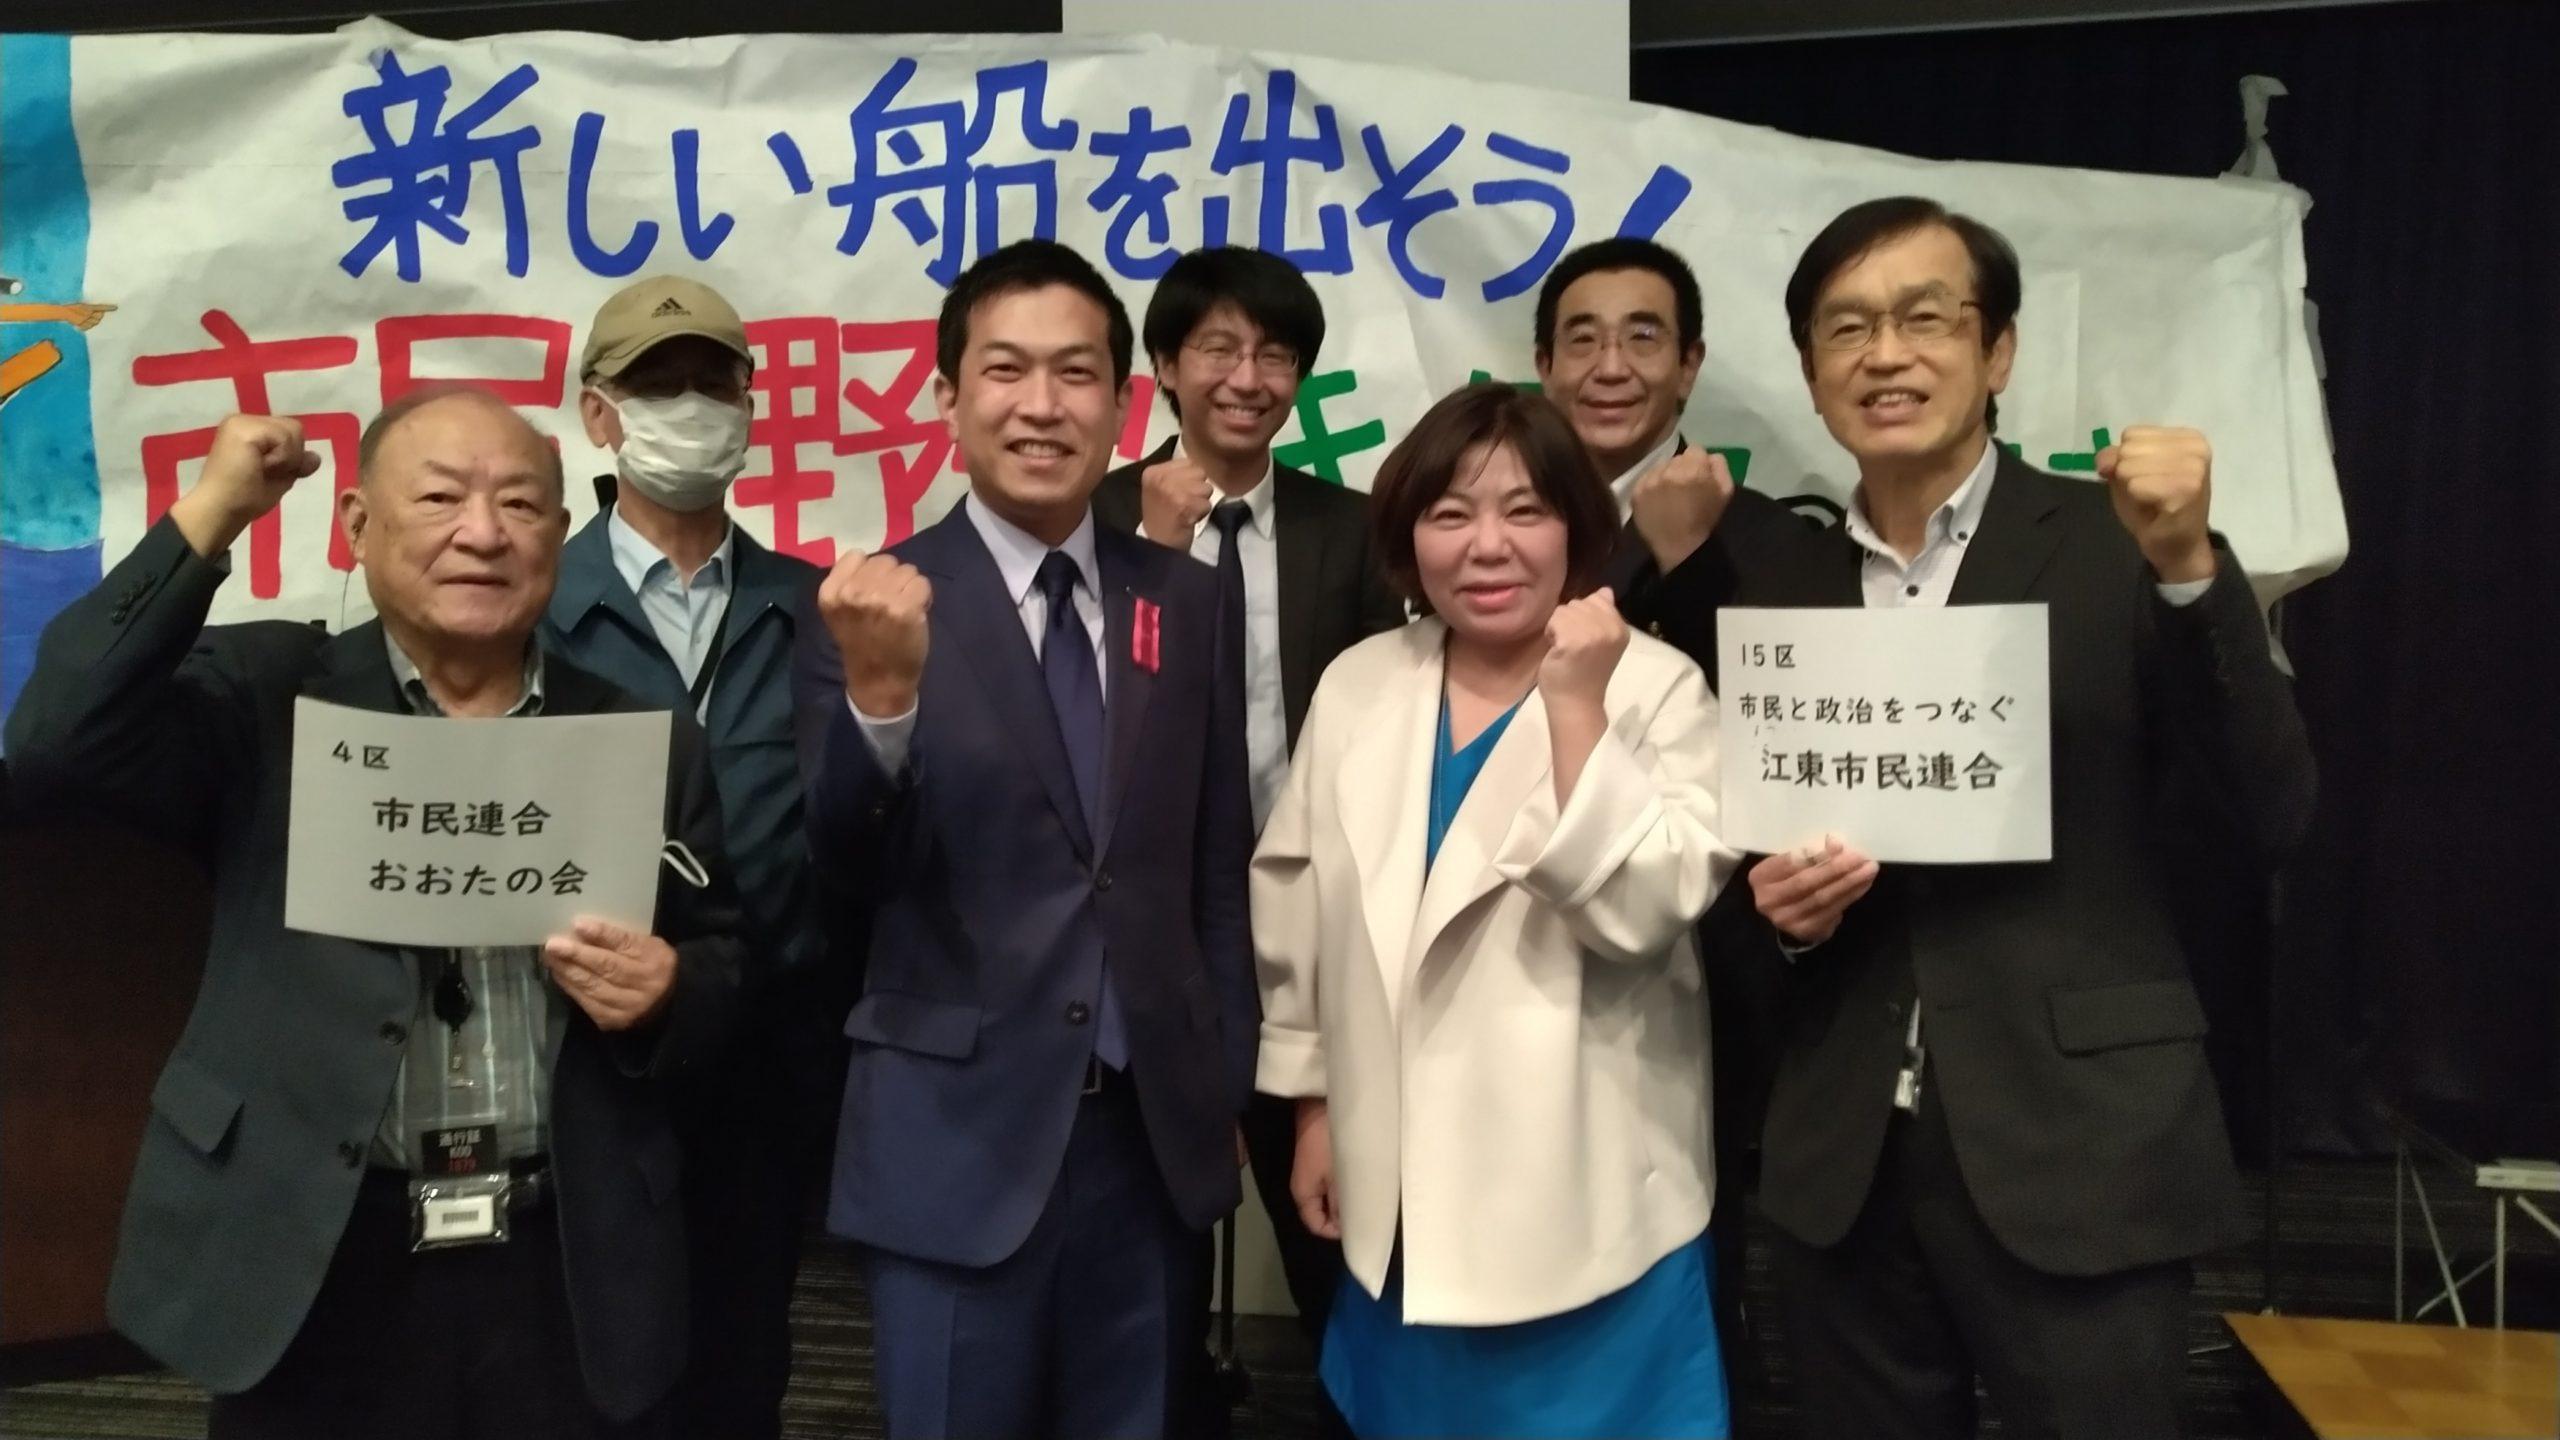 2021/10/15 新しい船をだそう!市民と野党のキックオフ@東京 に参加しました!